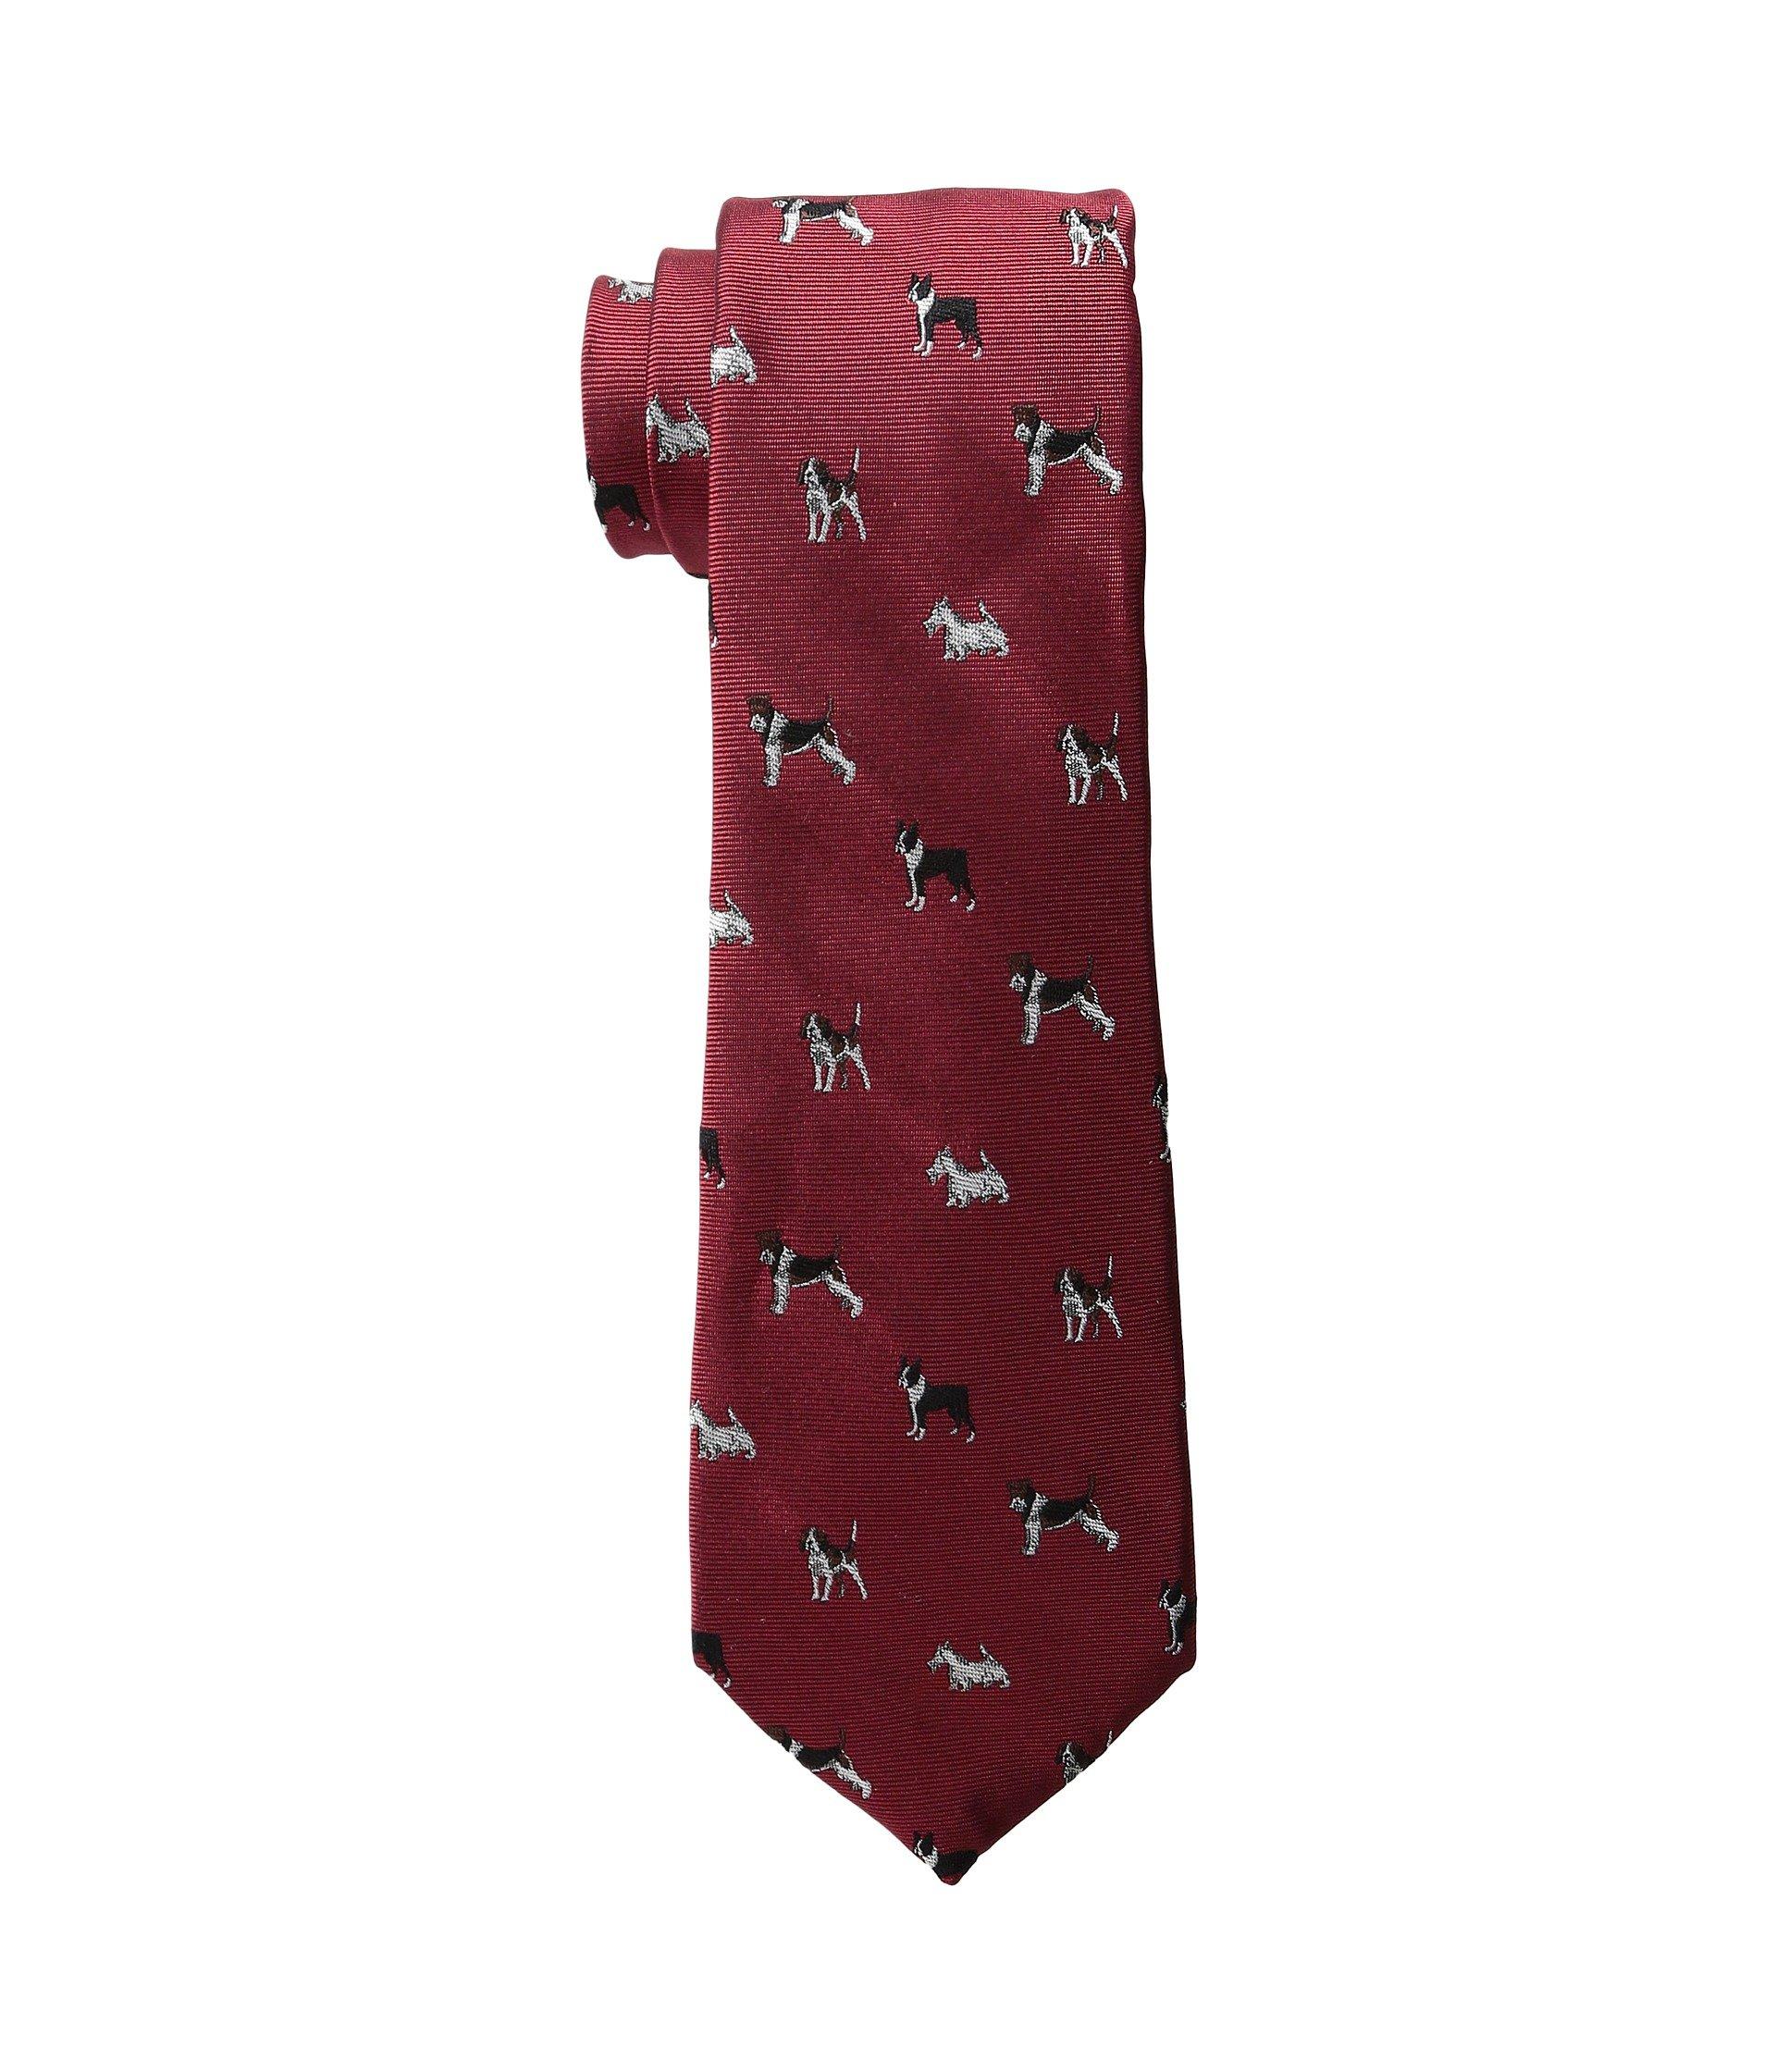 Corbata para Hombre LAUREN Ralph Lauren Canine Club Tie  + LAUREN Ralph Lauren en VeoyCompro.net